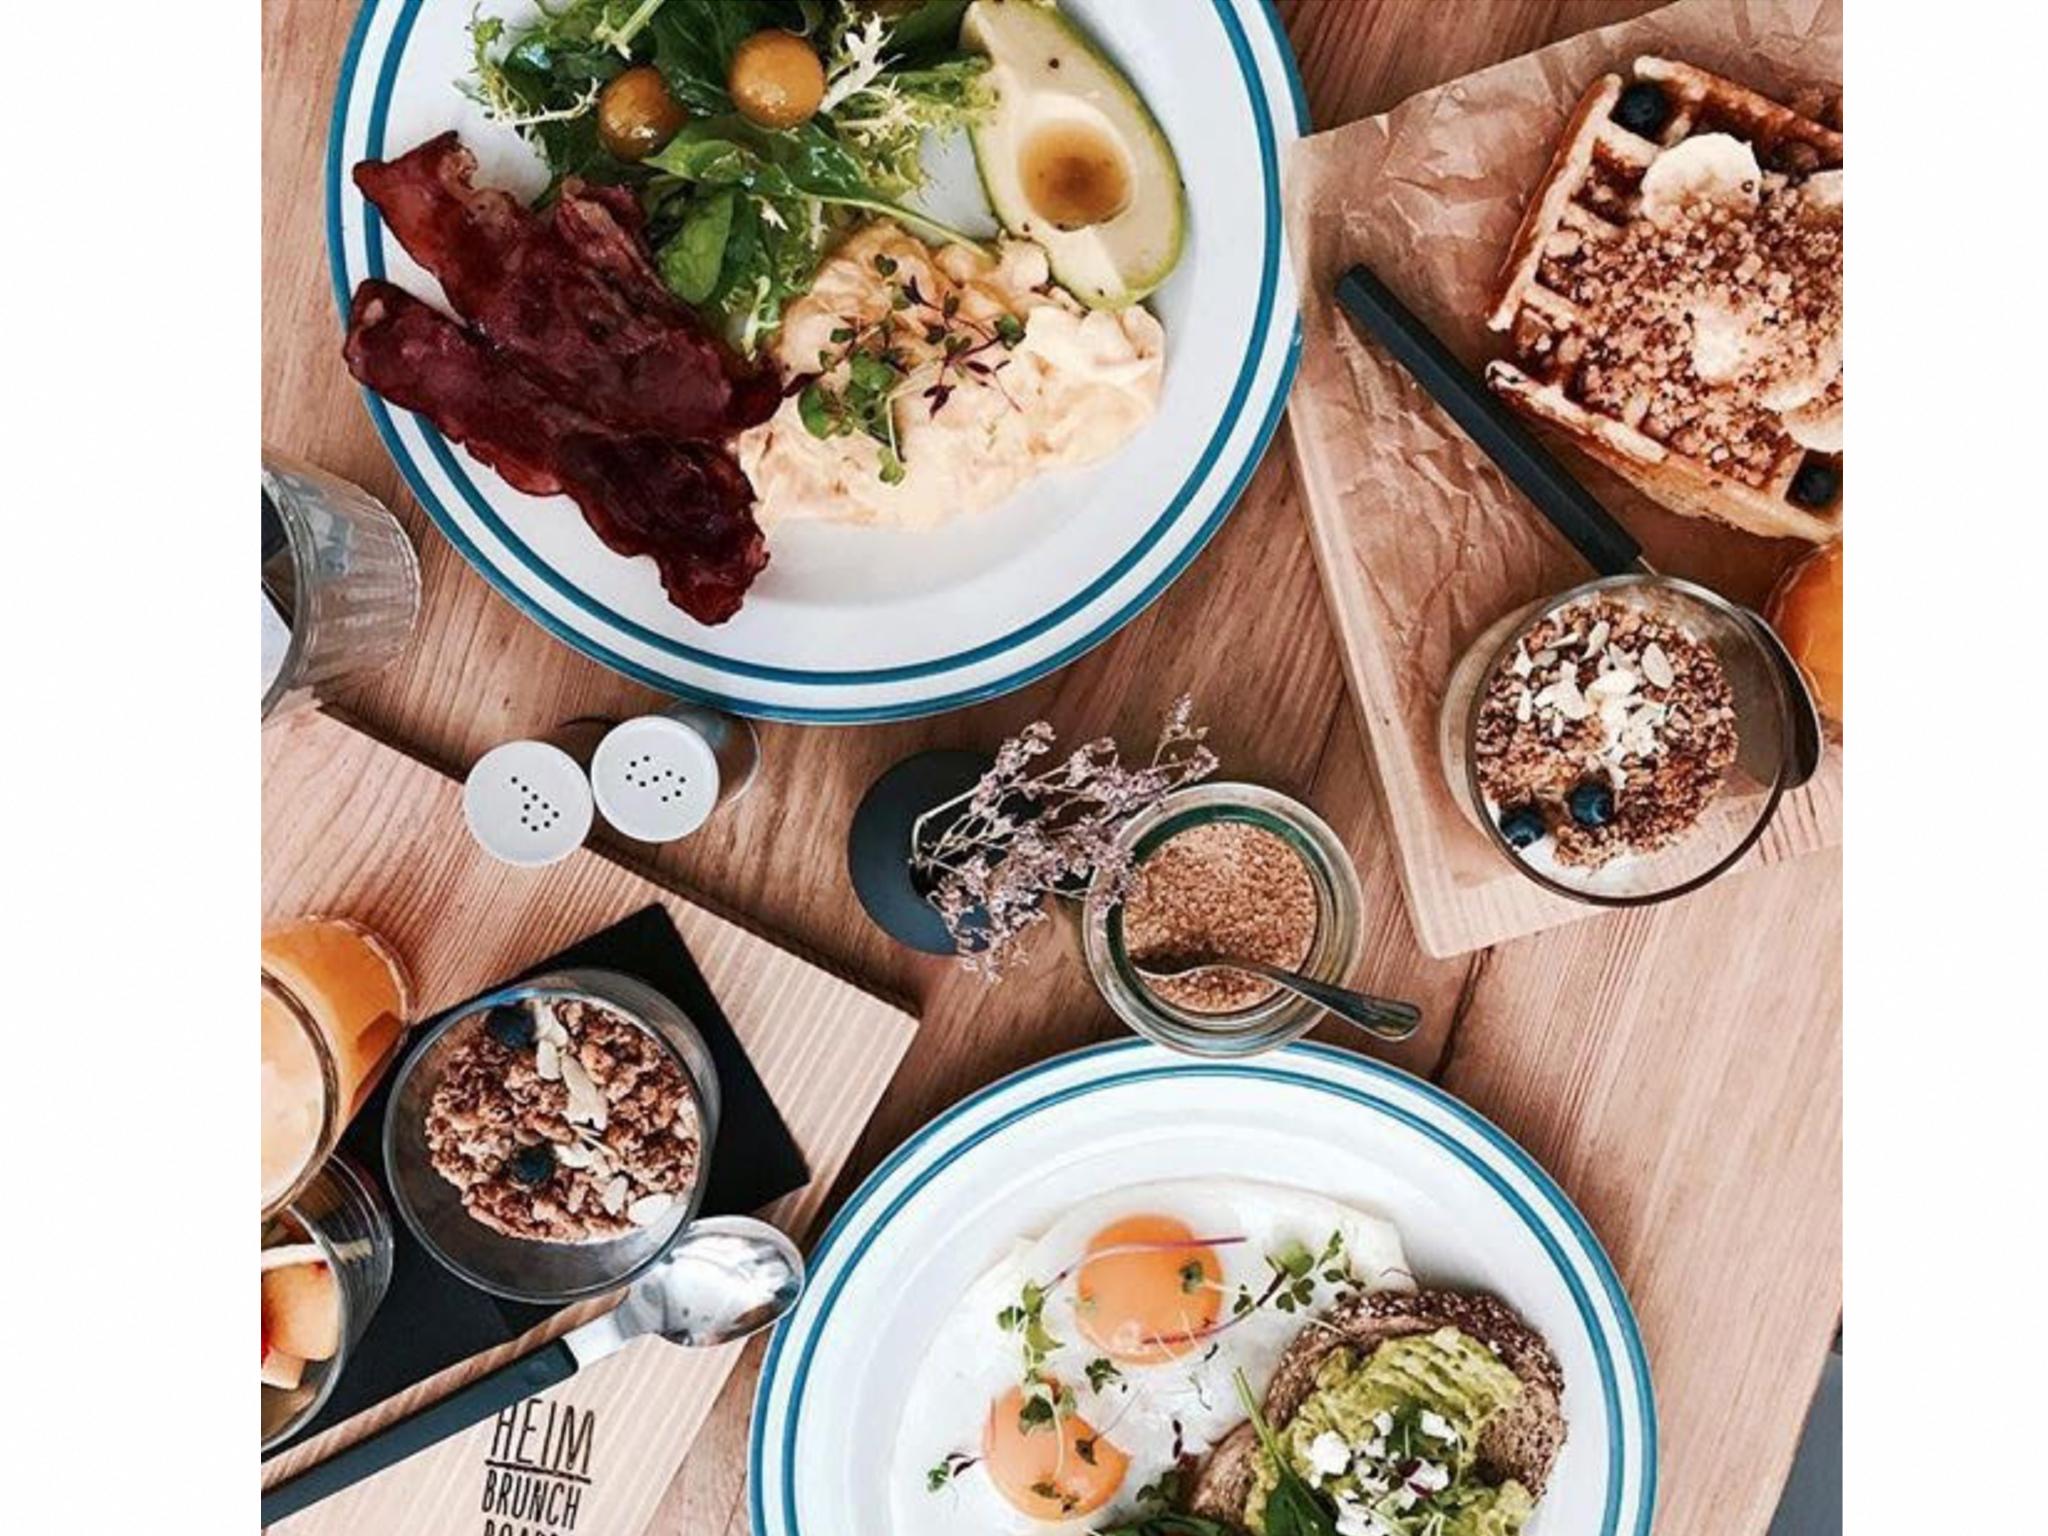 Restaurante, Heim Café, Brunch